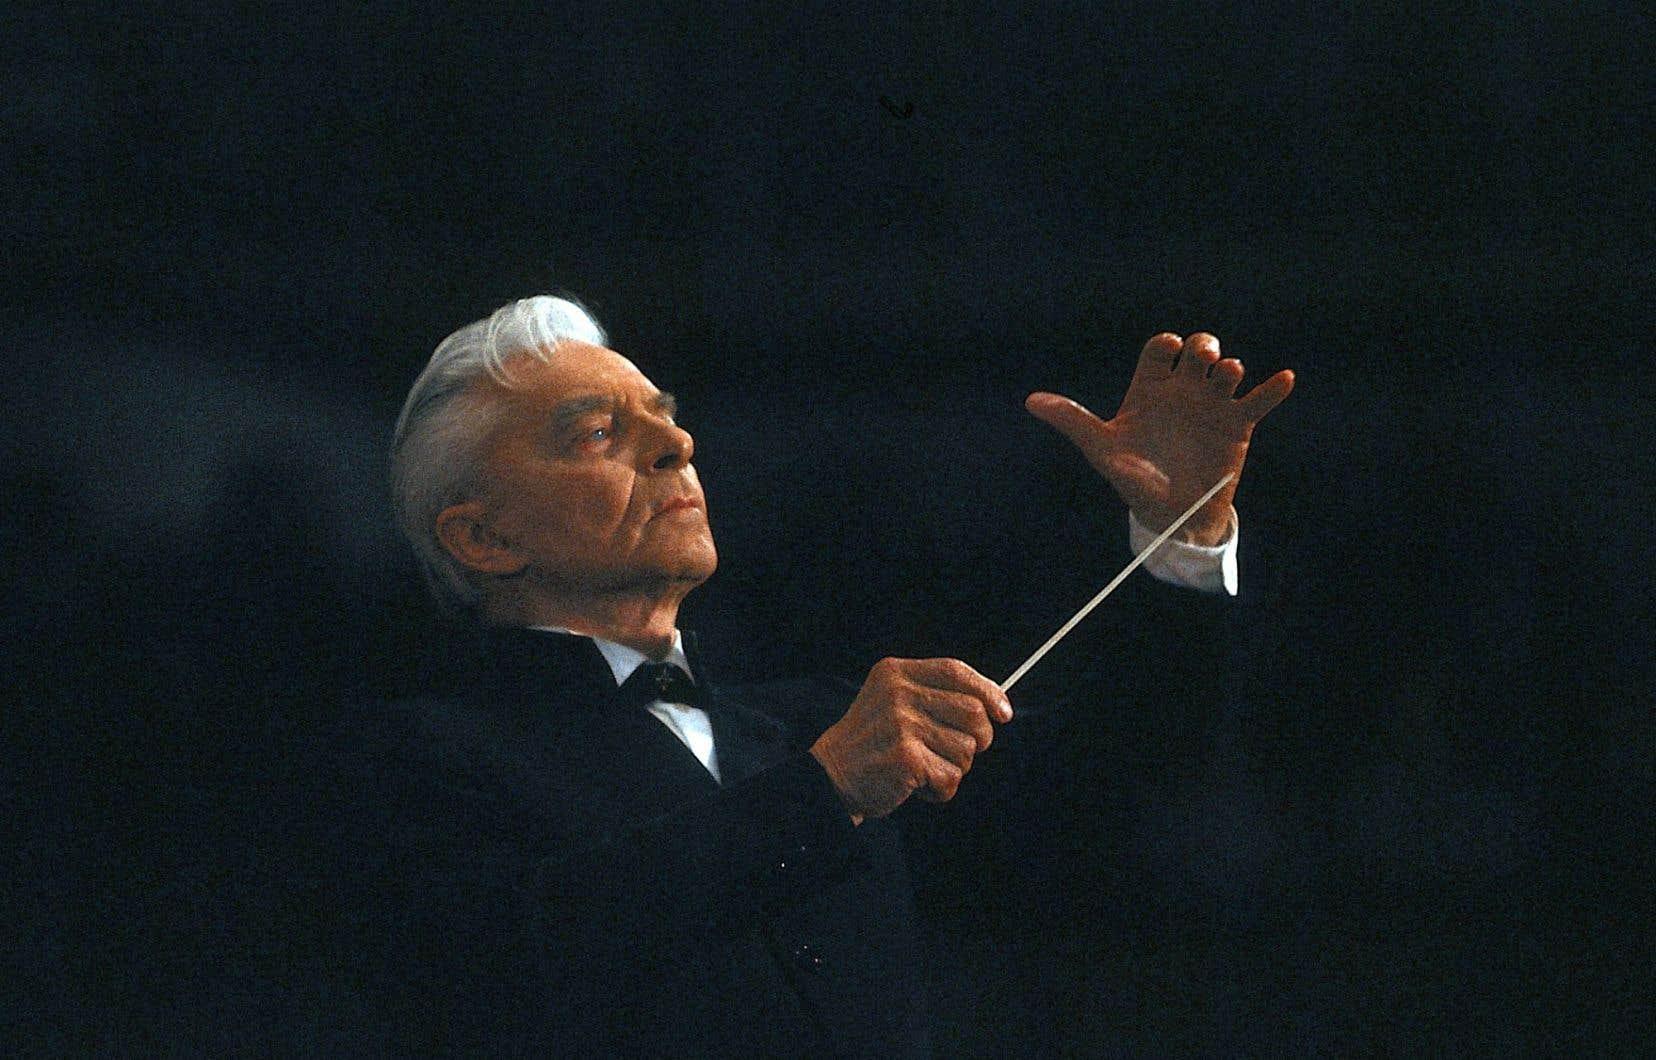 Les années 1980 de Karajan peuvent se résumer à une angoissante course contre la montre.